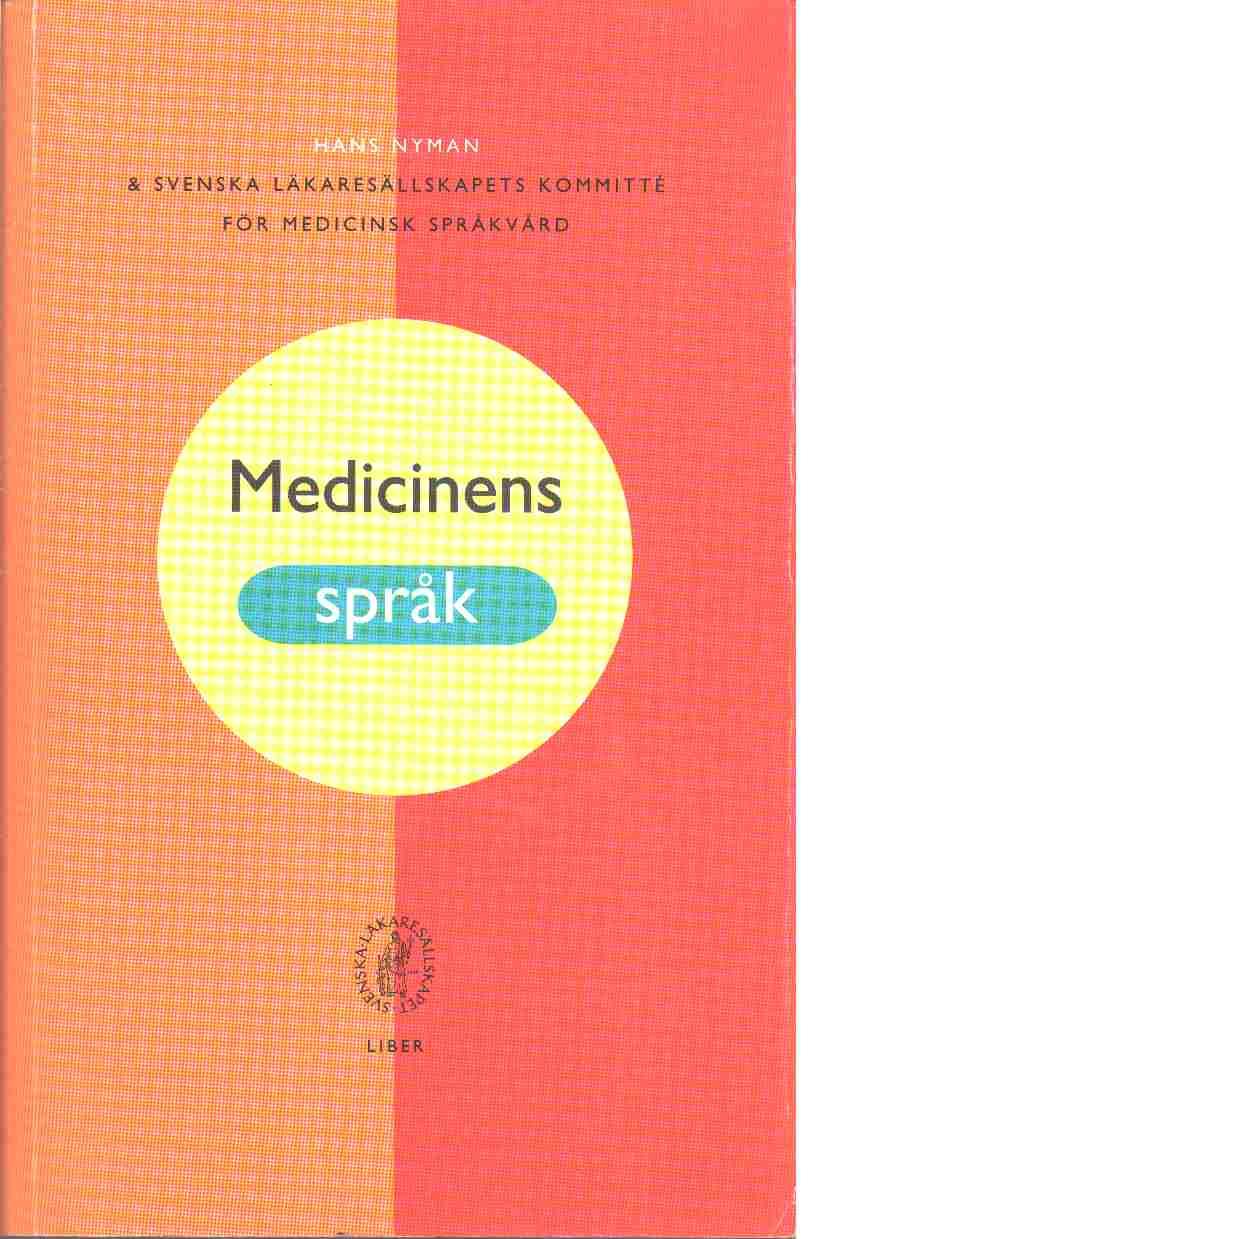 Medicinens språk - Nyman, Hans